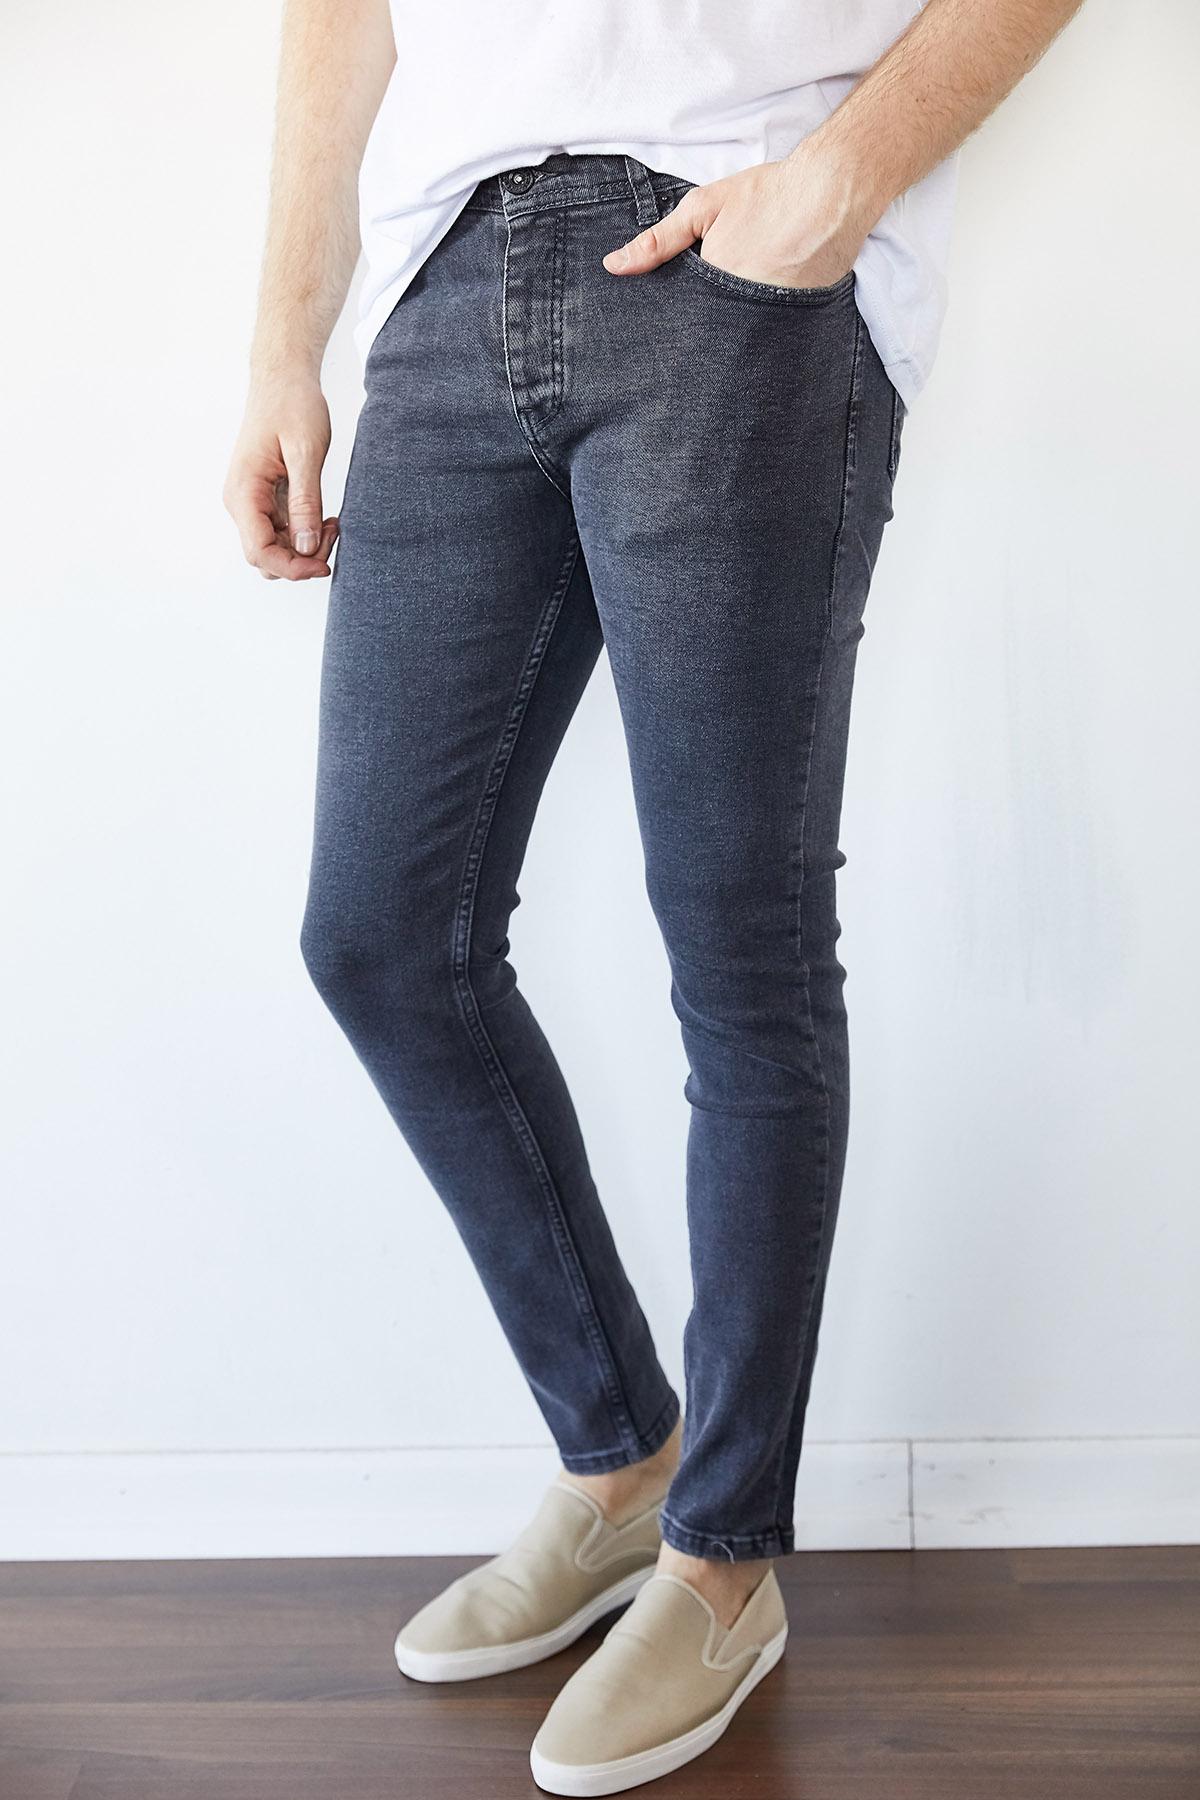 XHAN - Gri Slim Fit Jean Pantolon 1KXE5-44255-03